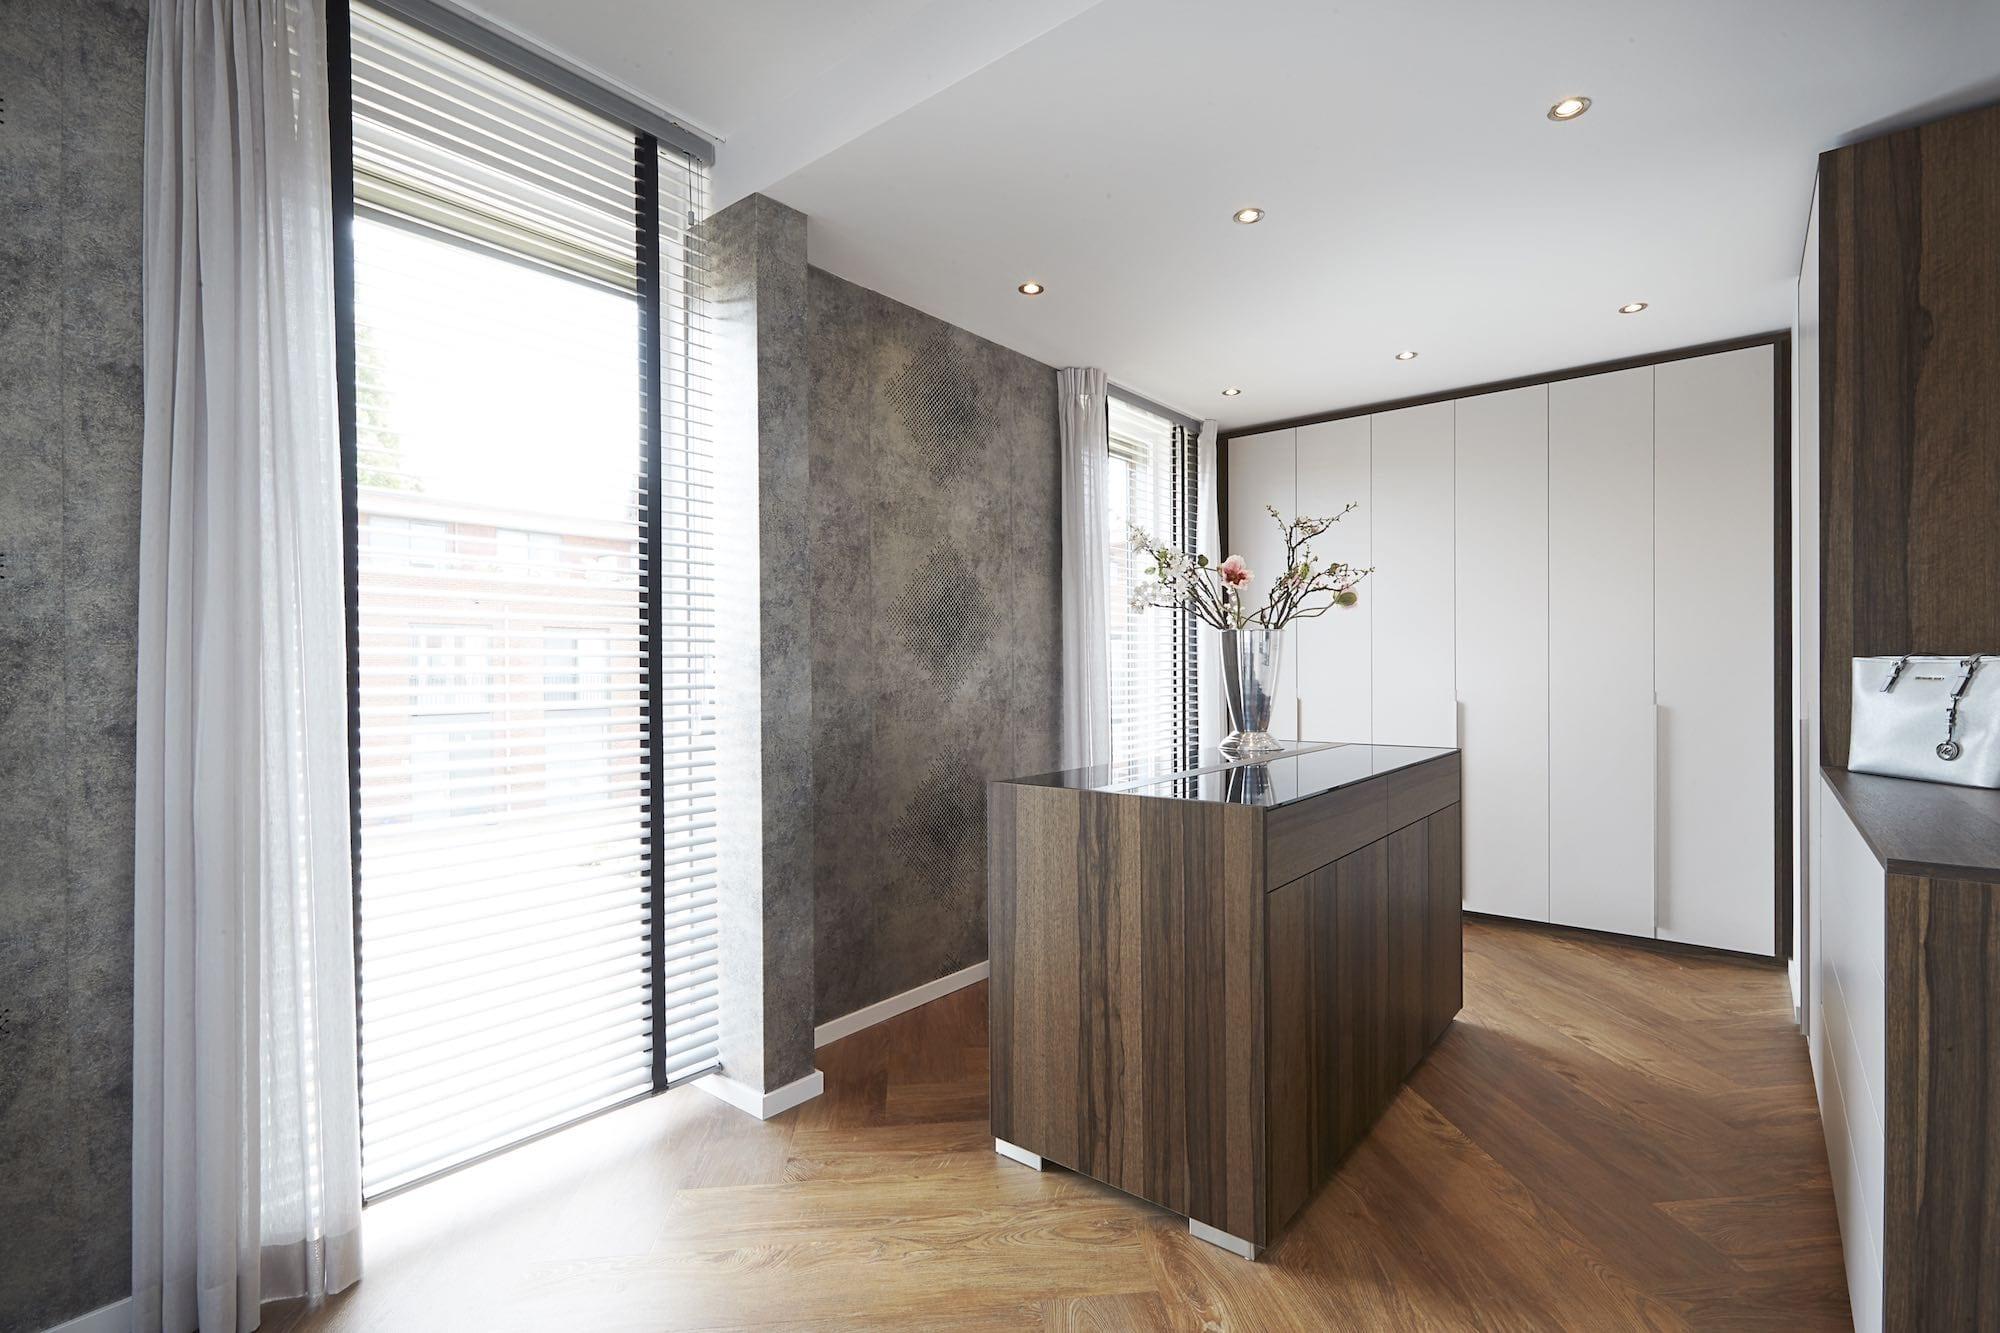 inloopkast-room-divider